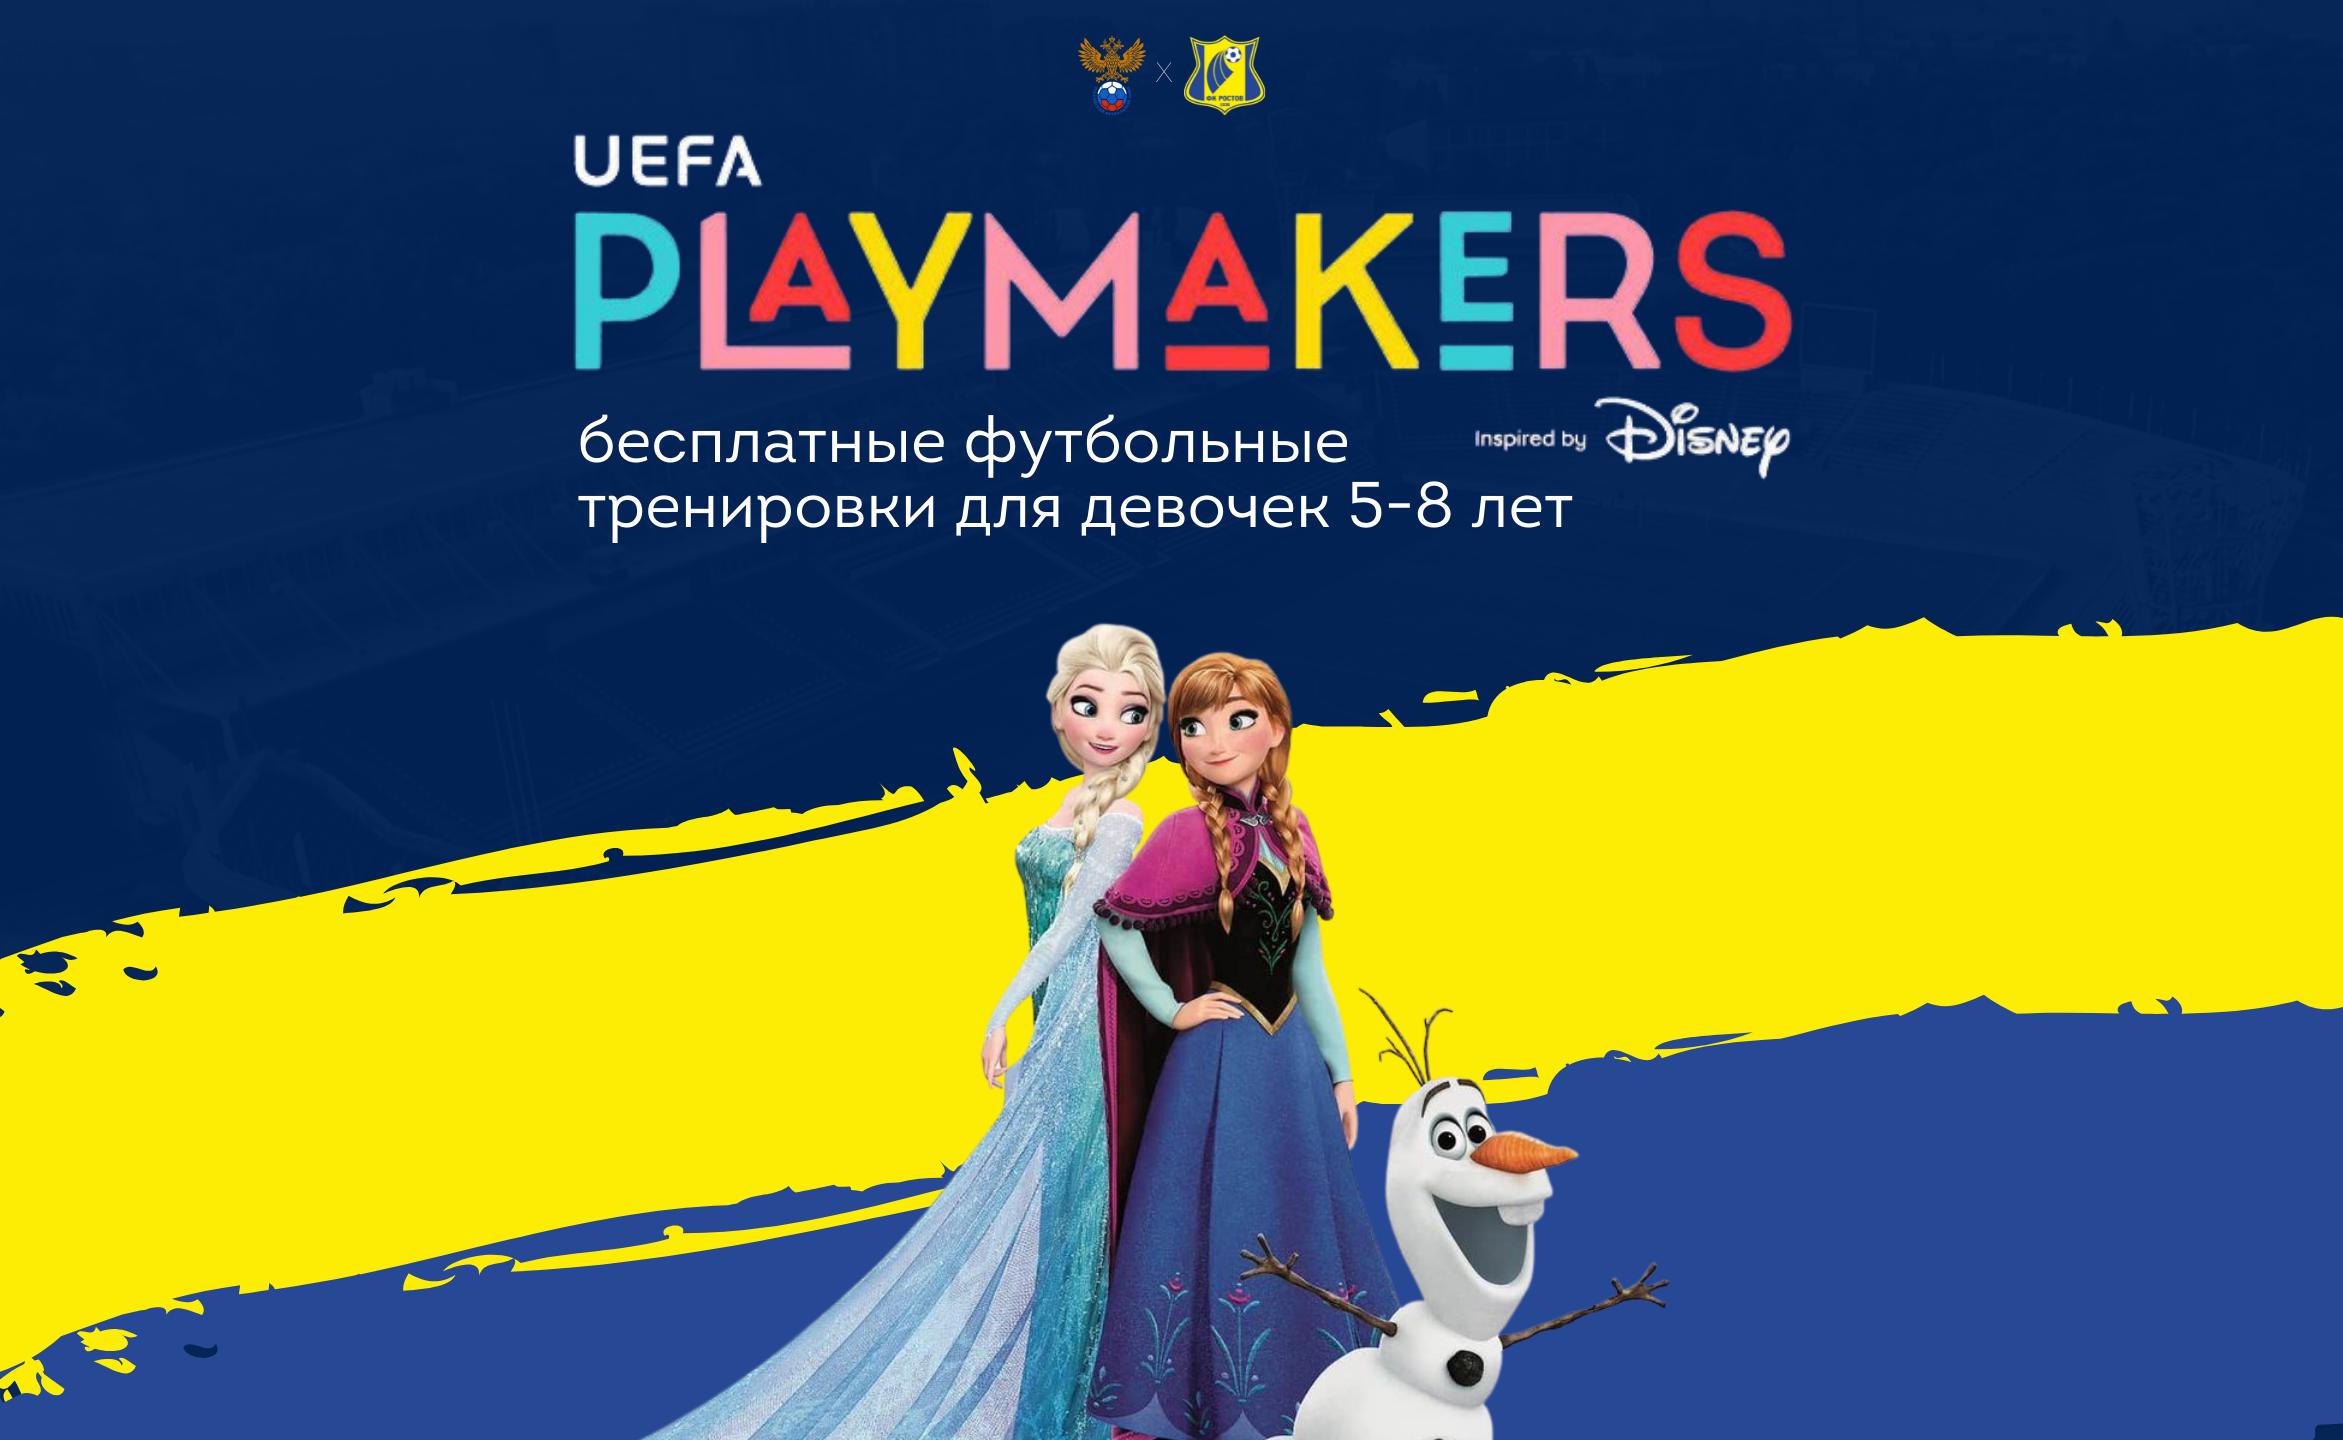 Академия ФК «Ростов» совместно с РФС, UEFA и Disney запускает уникальный проект для девочек